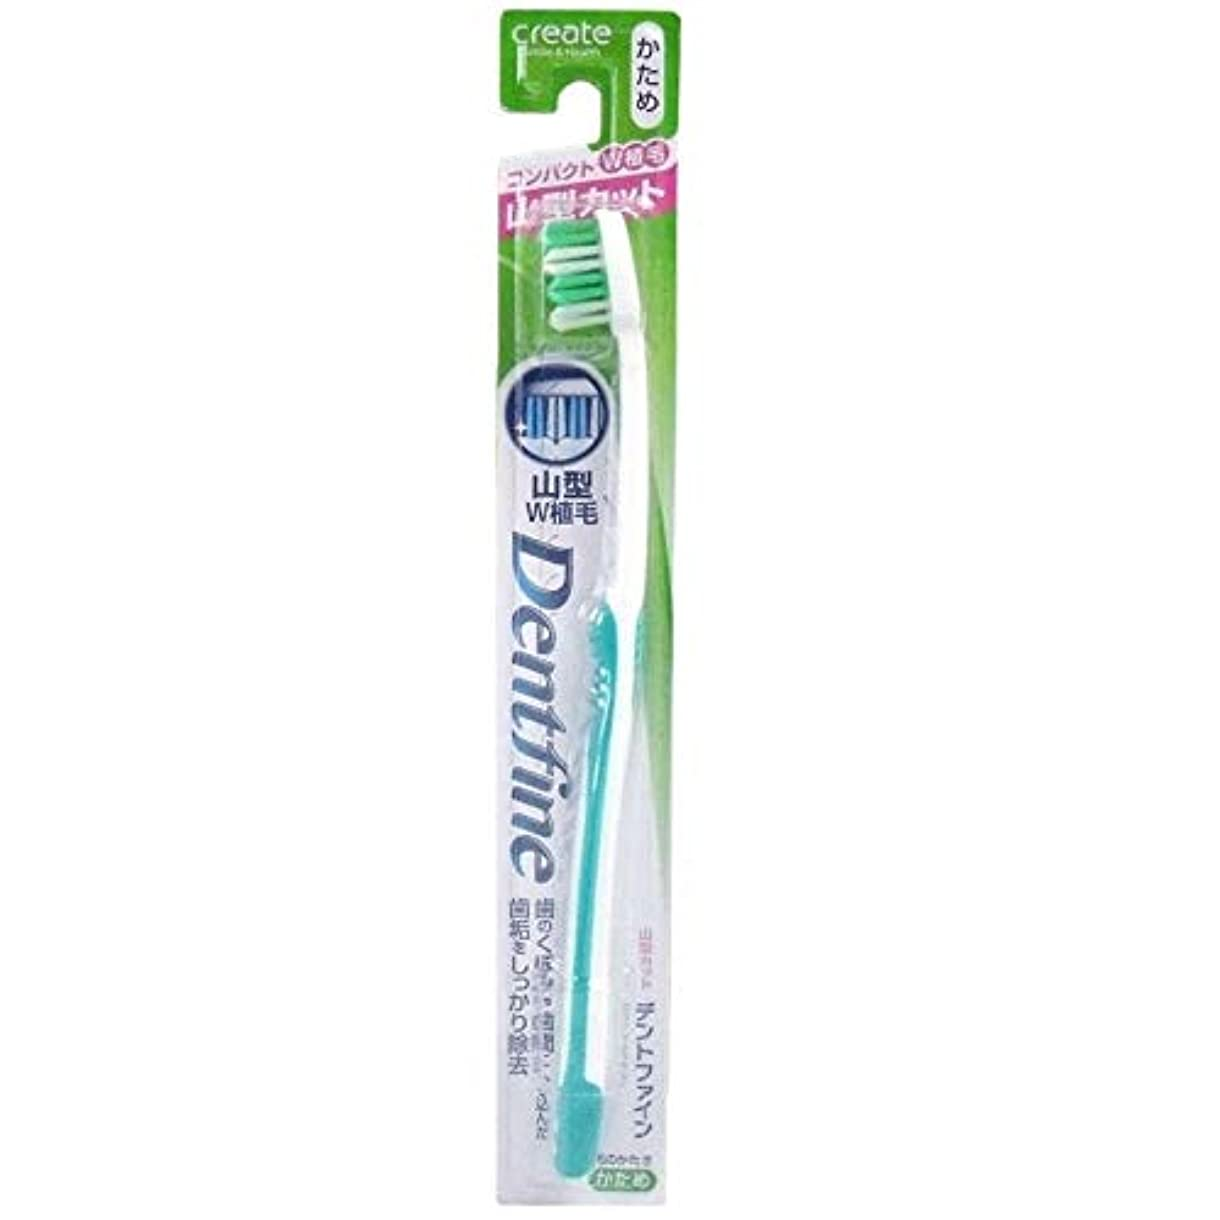 公演ピービッシュ鬼ごっこデントファイン ラバーグリップ 山切りカット 歯ブラシ かため 1本:グリーン